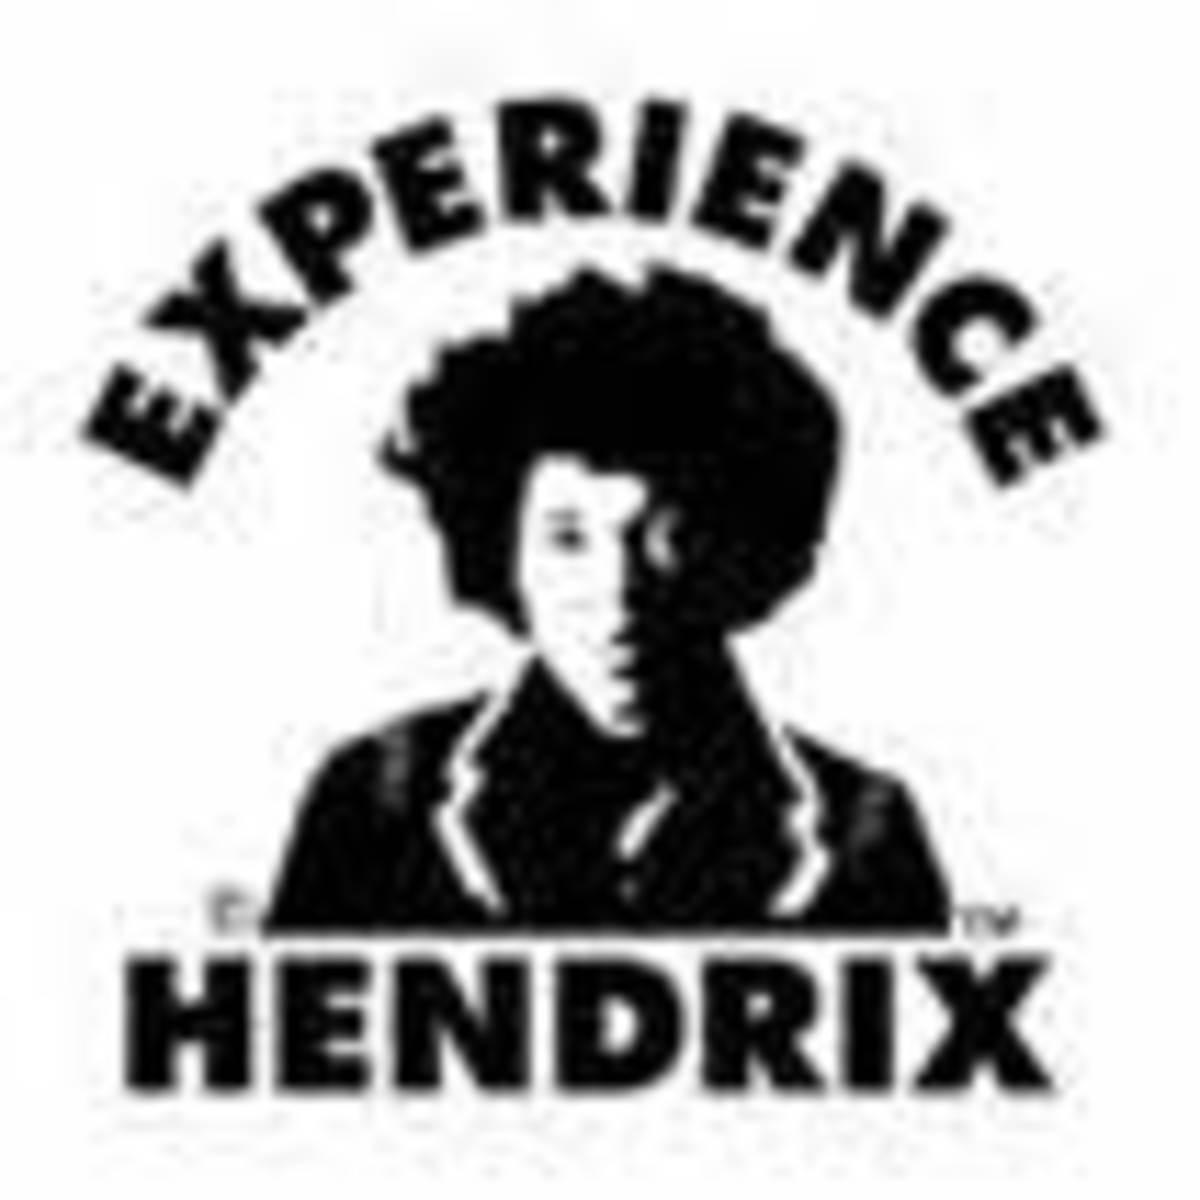 Experience_Hendrix